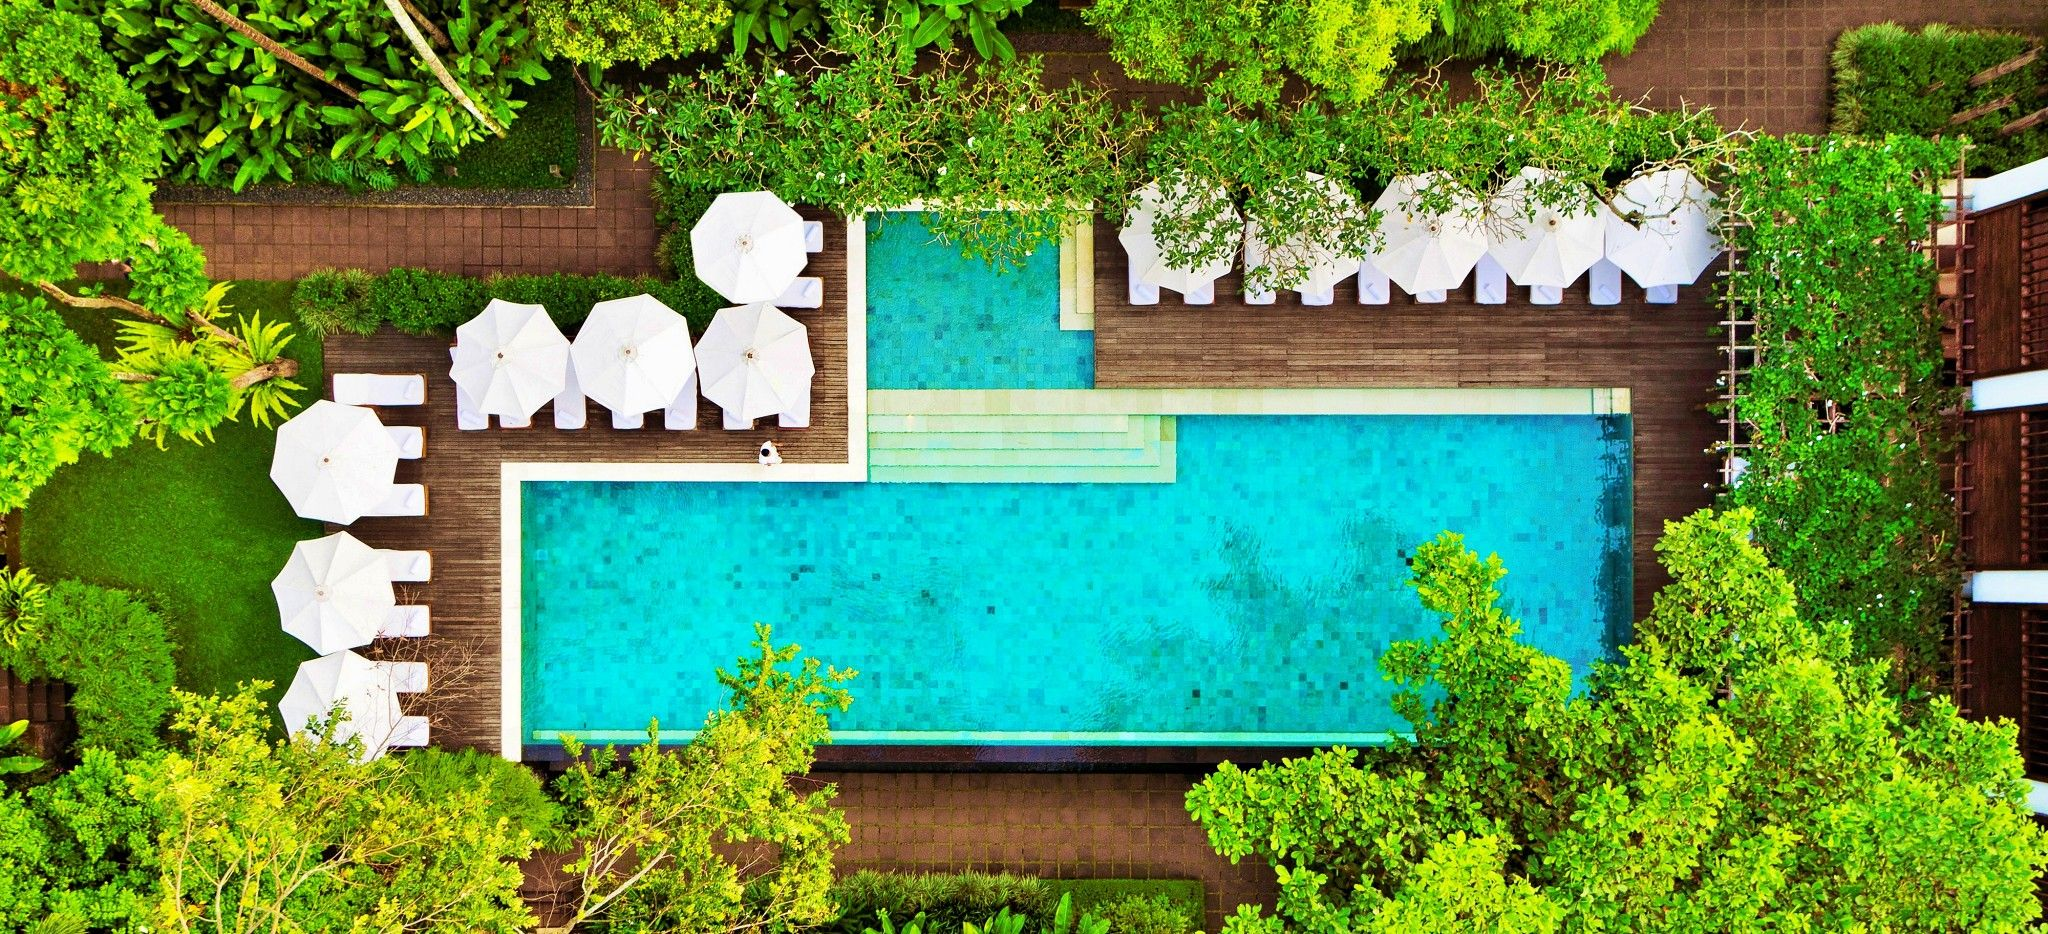 Ein Pool in einer Holzterrasse eingelassen, außern herum Sonnenschirme und Strandiegen und der balinesische Dschungel